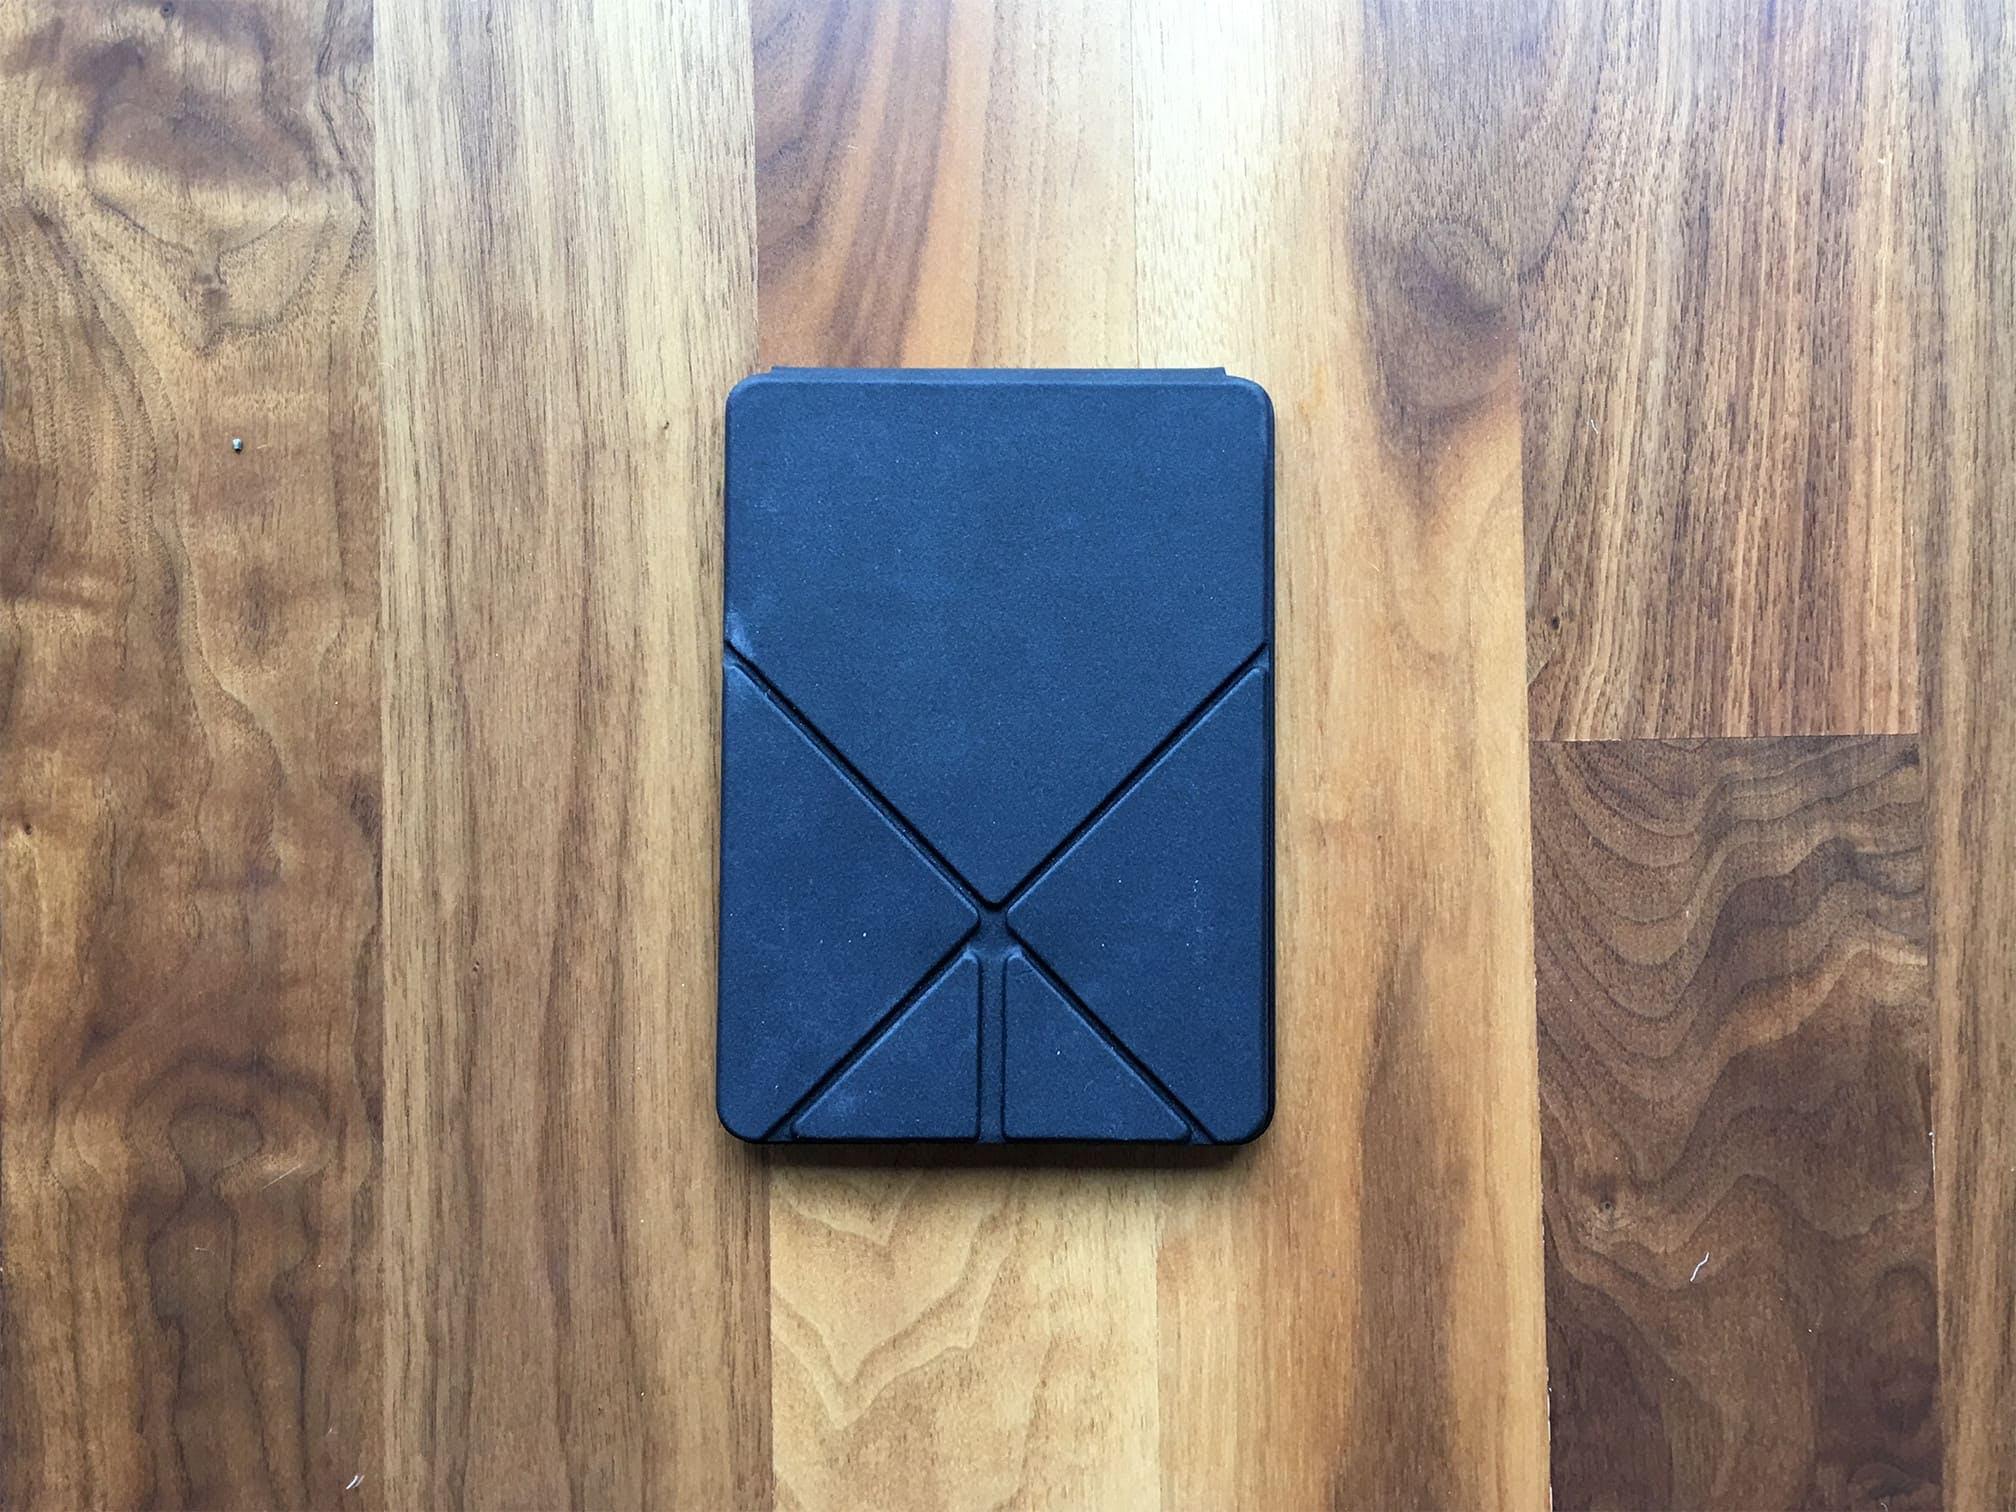 Amazon Kindle Voyage | Origami Case